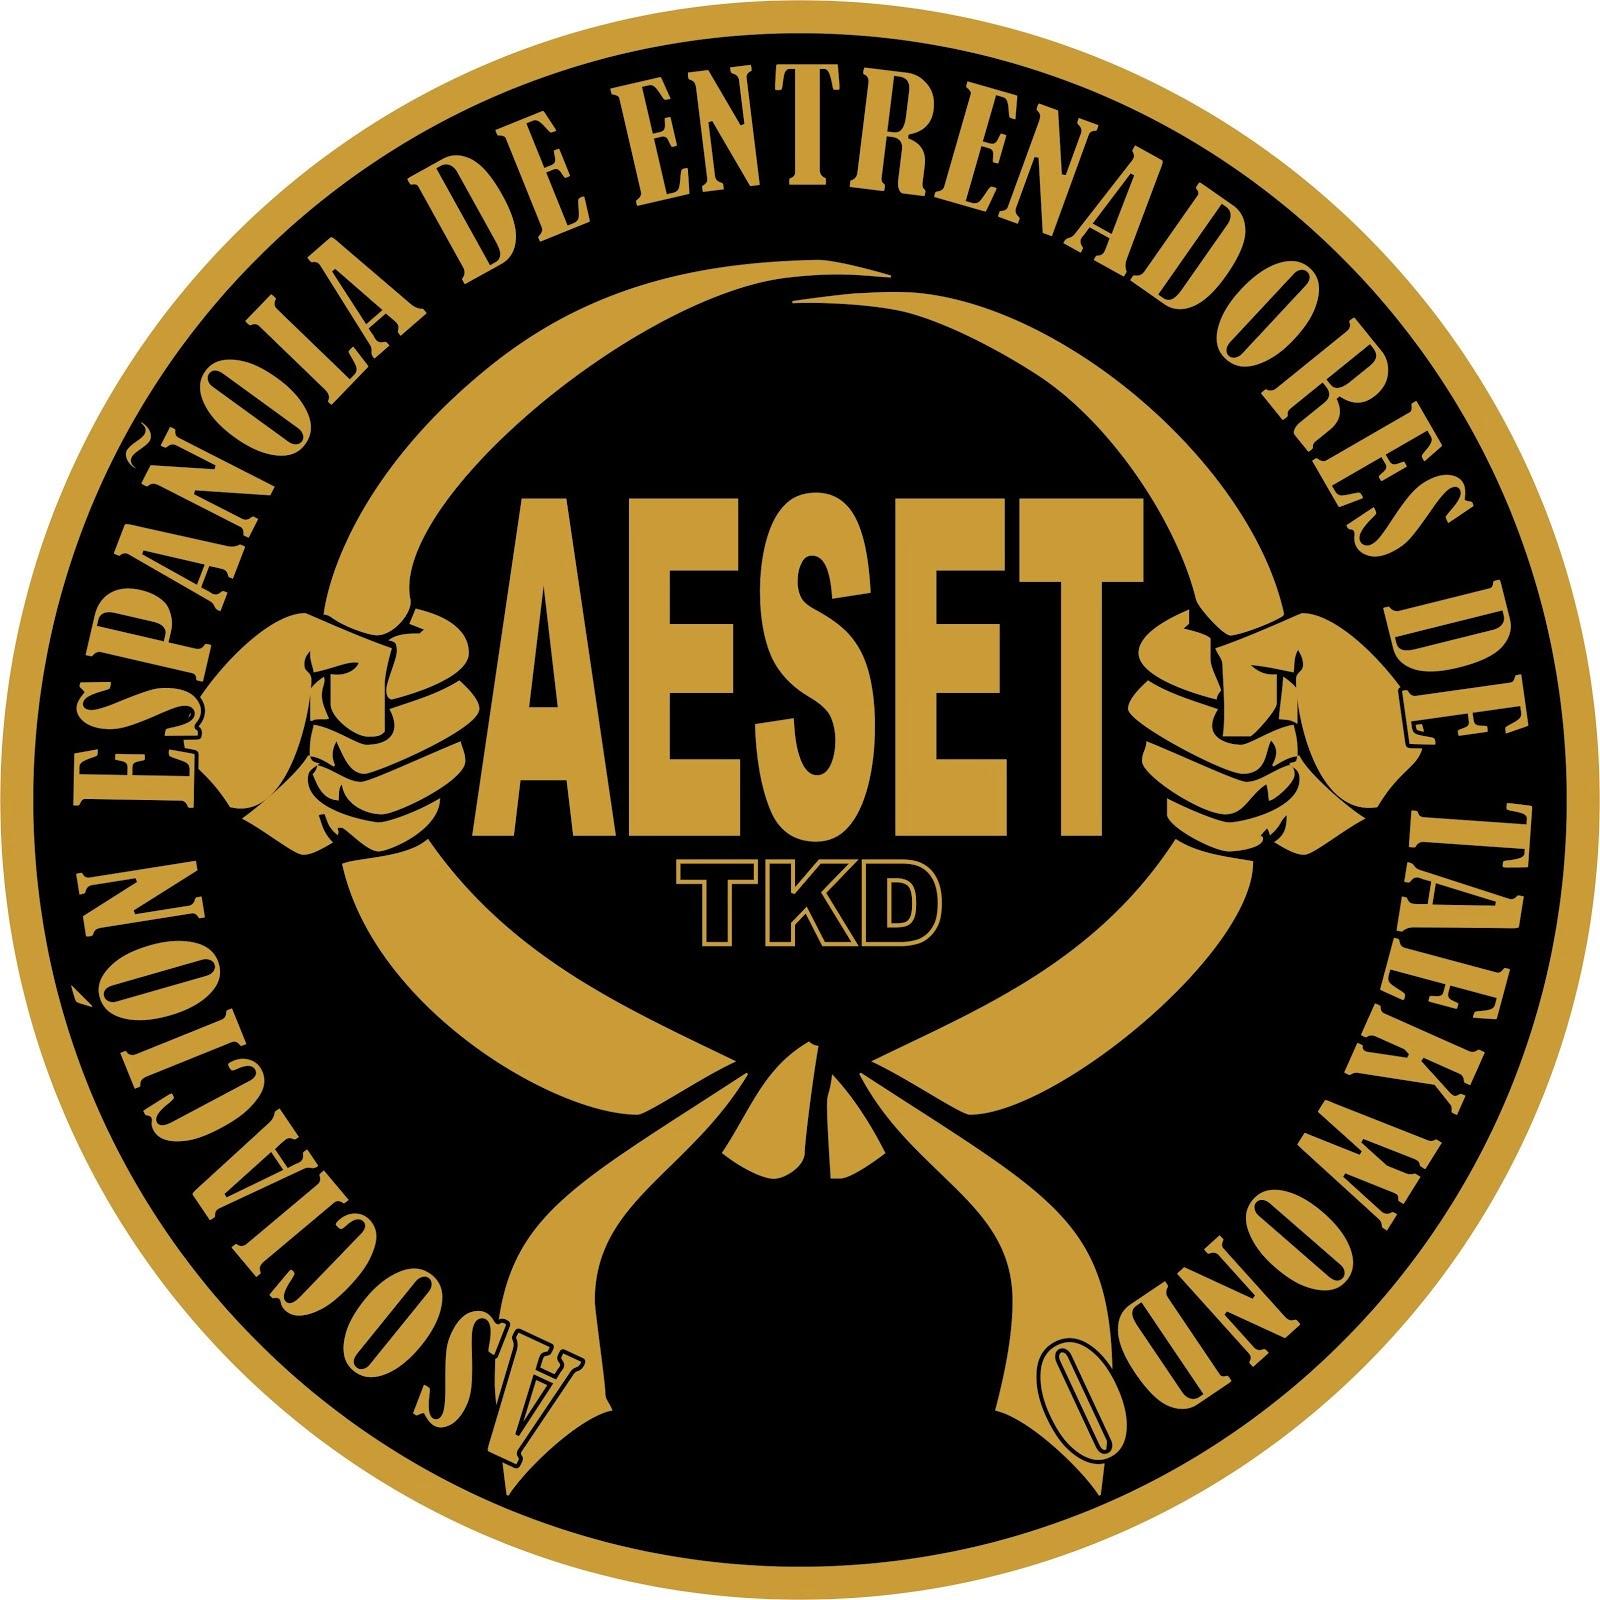 Club miembro de AESET